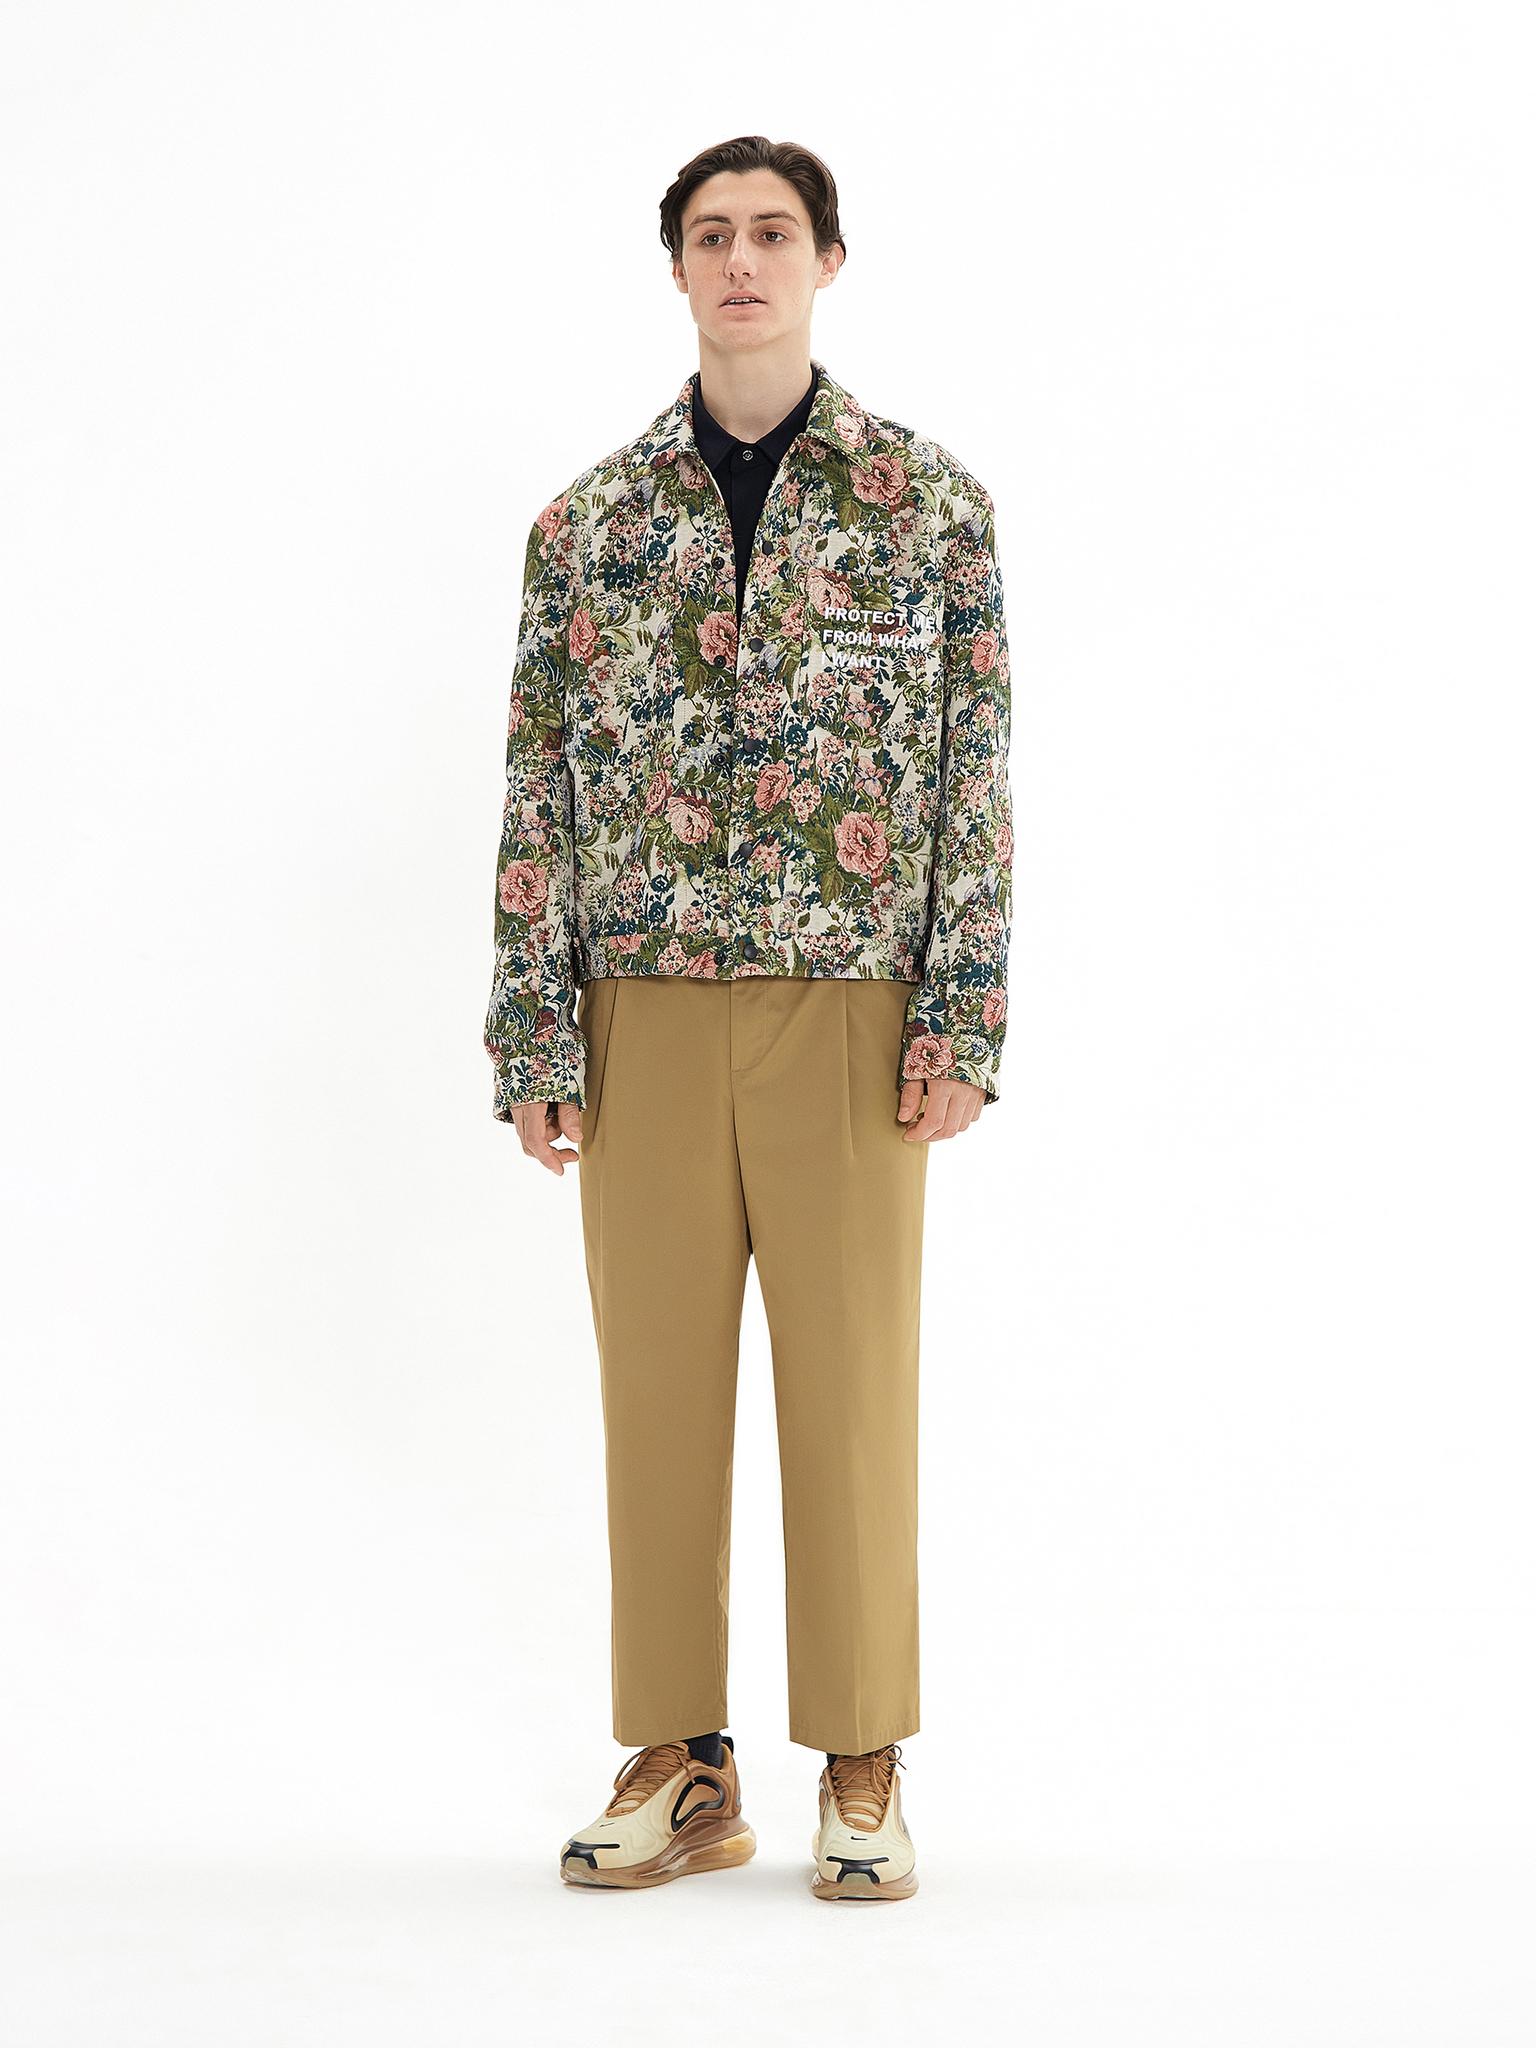 Гобеленовая куртка. Последний экземпляр